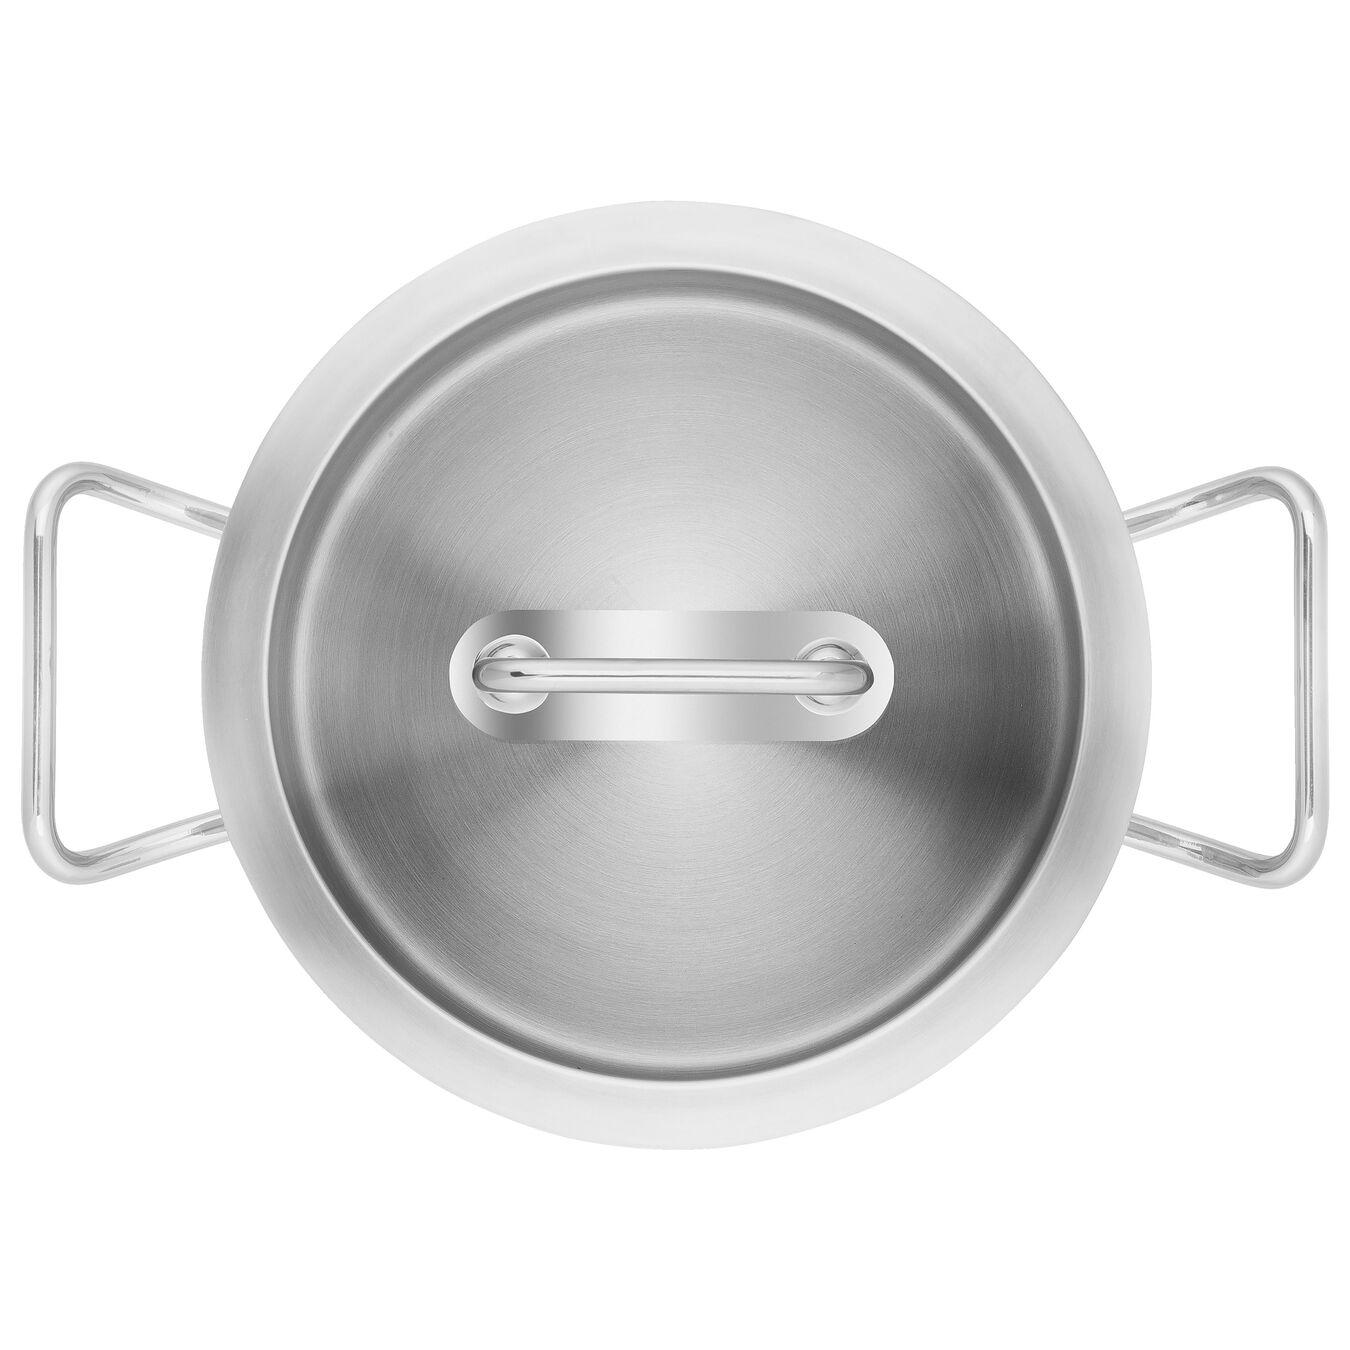 Servierpfanne, rund,,large 3